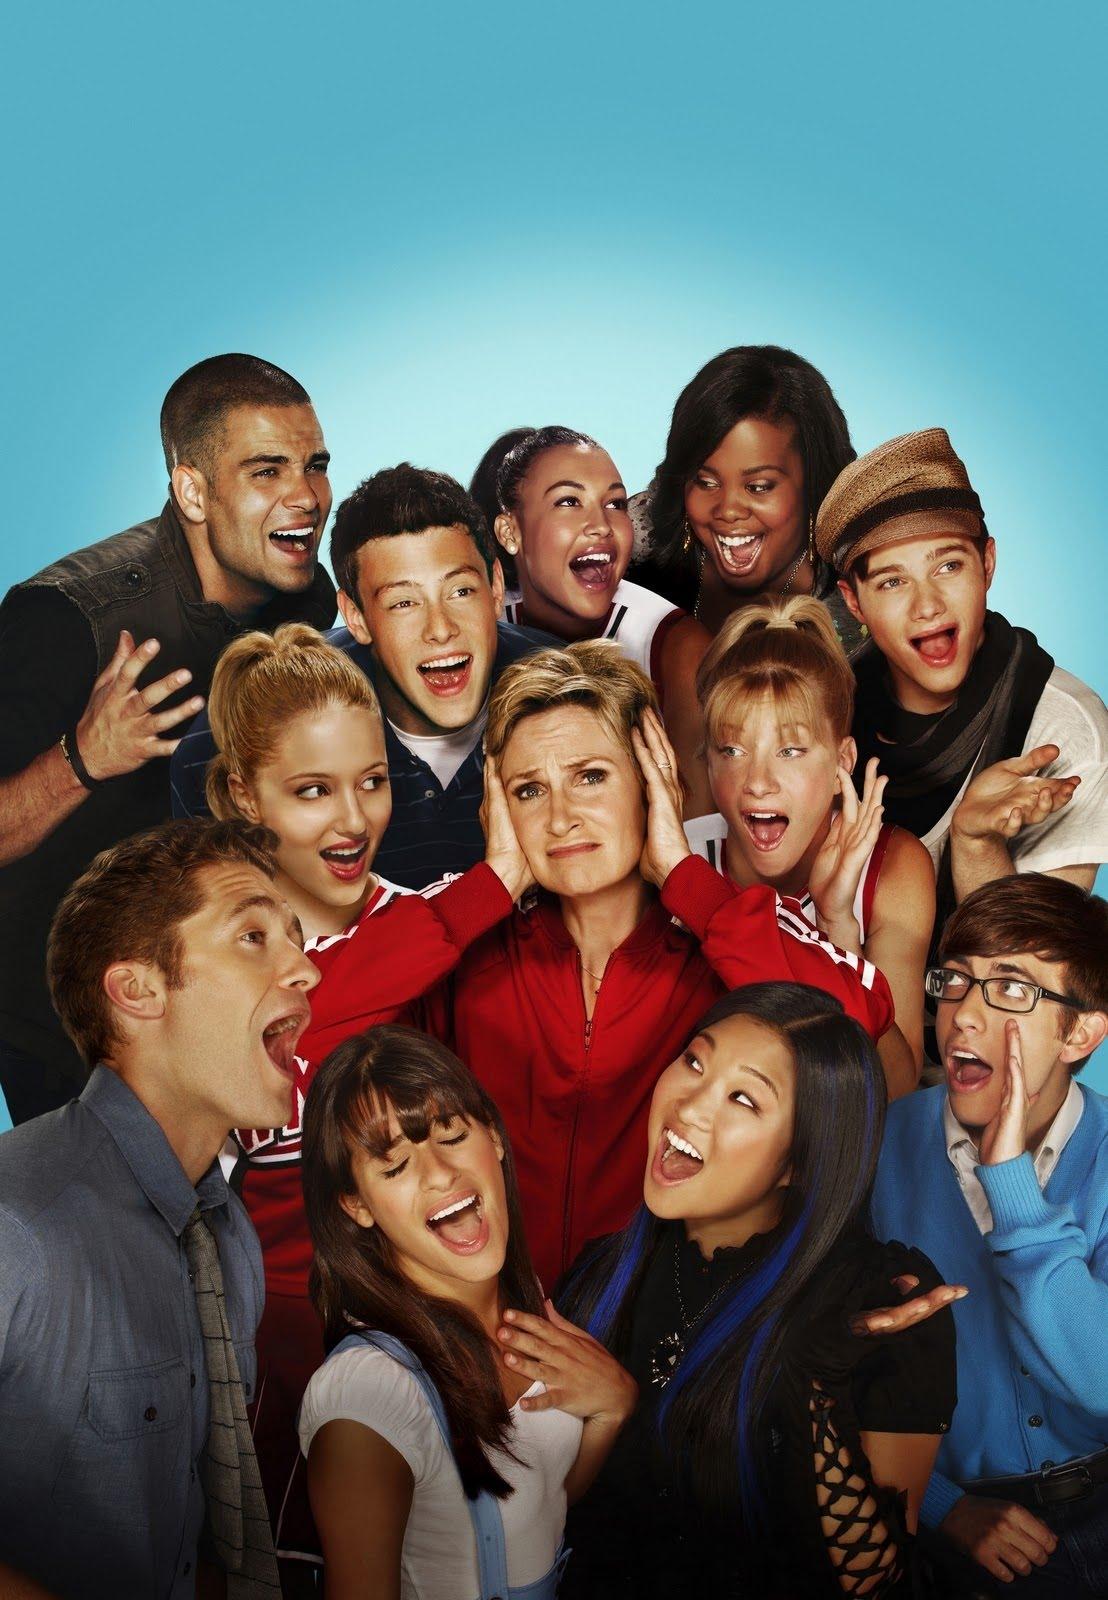 http://2.bp.blogspot.com/_ckqPsSXUSLg/TNHIBPTmpWI/AAAAAAAADmg/SMljct3-Rbo/s1600/Glee4.jpg